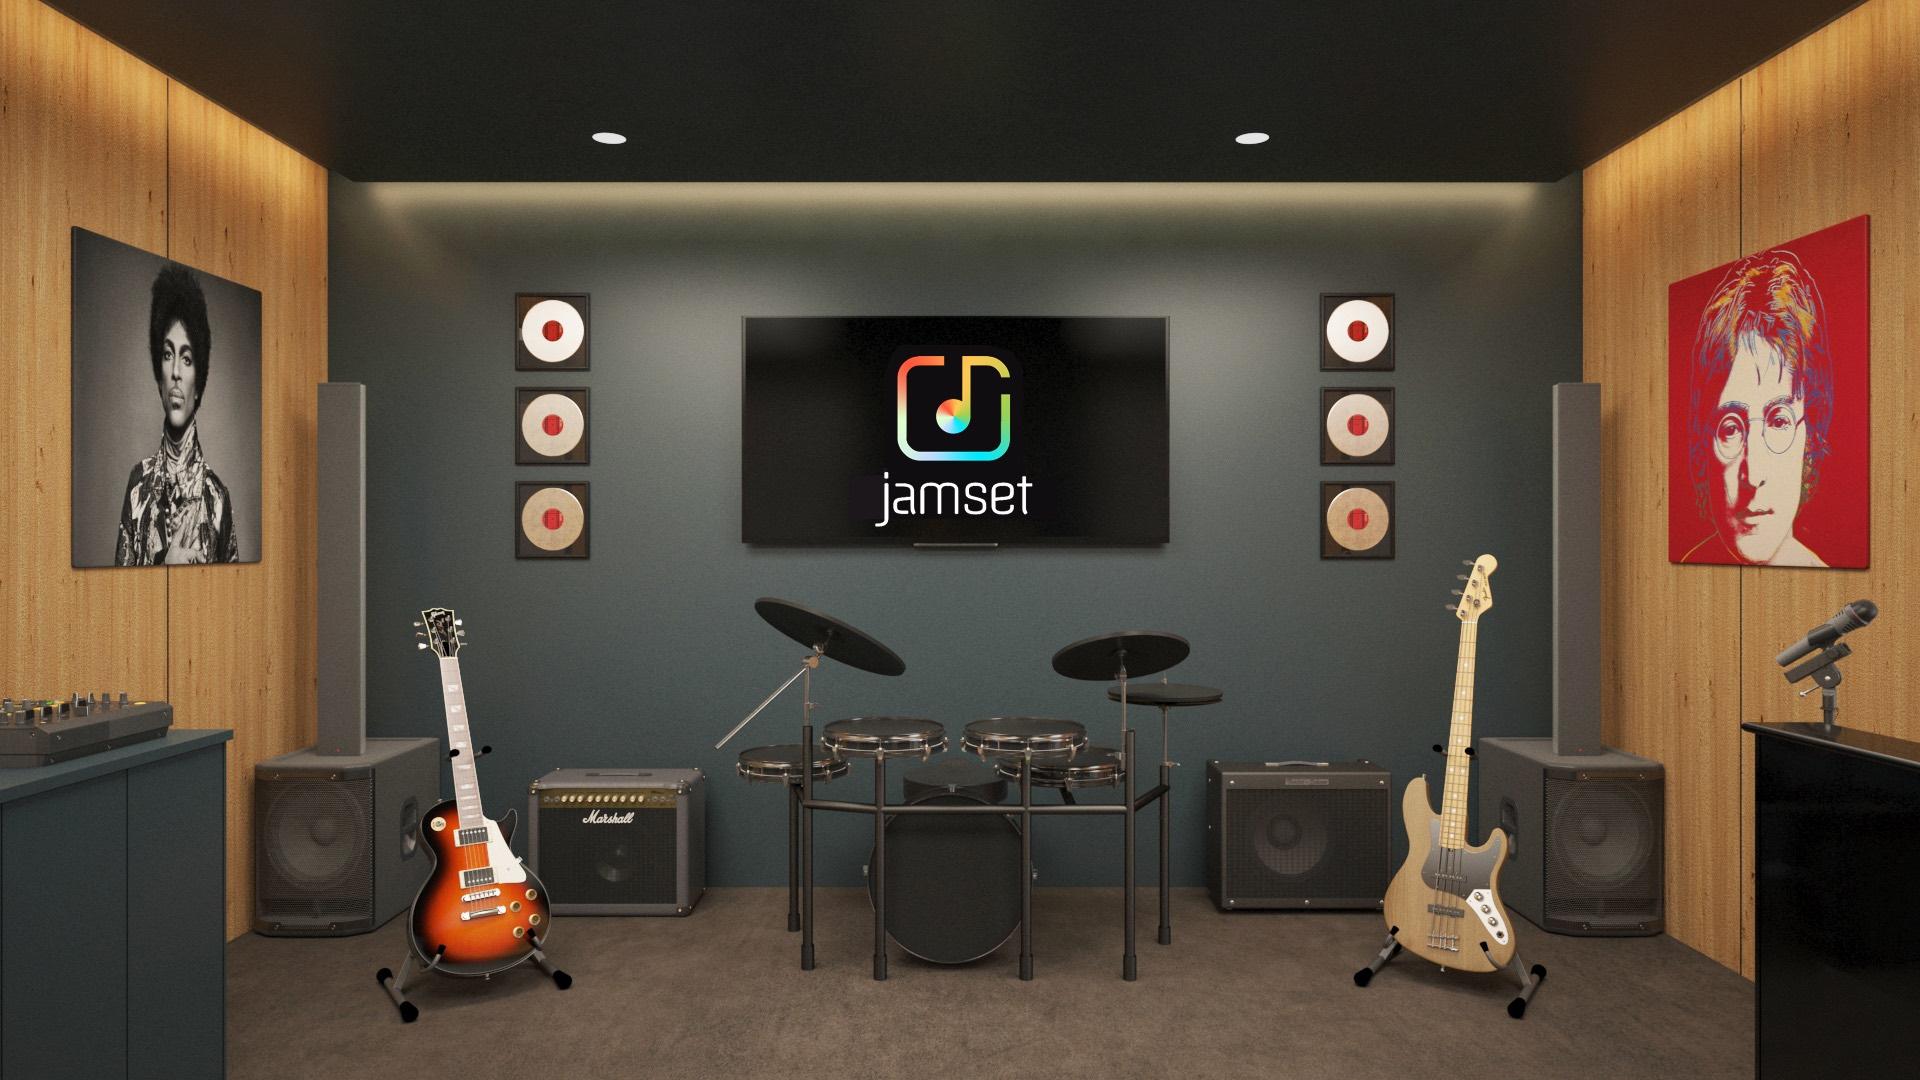 jamset studio